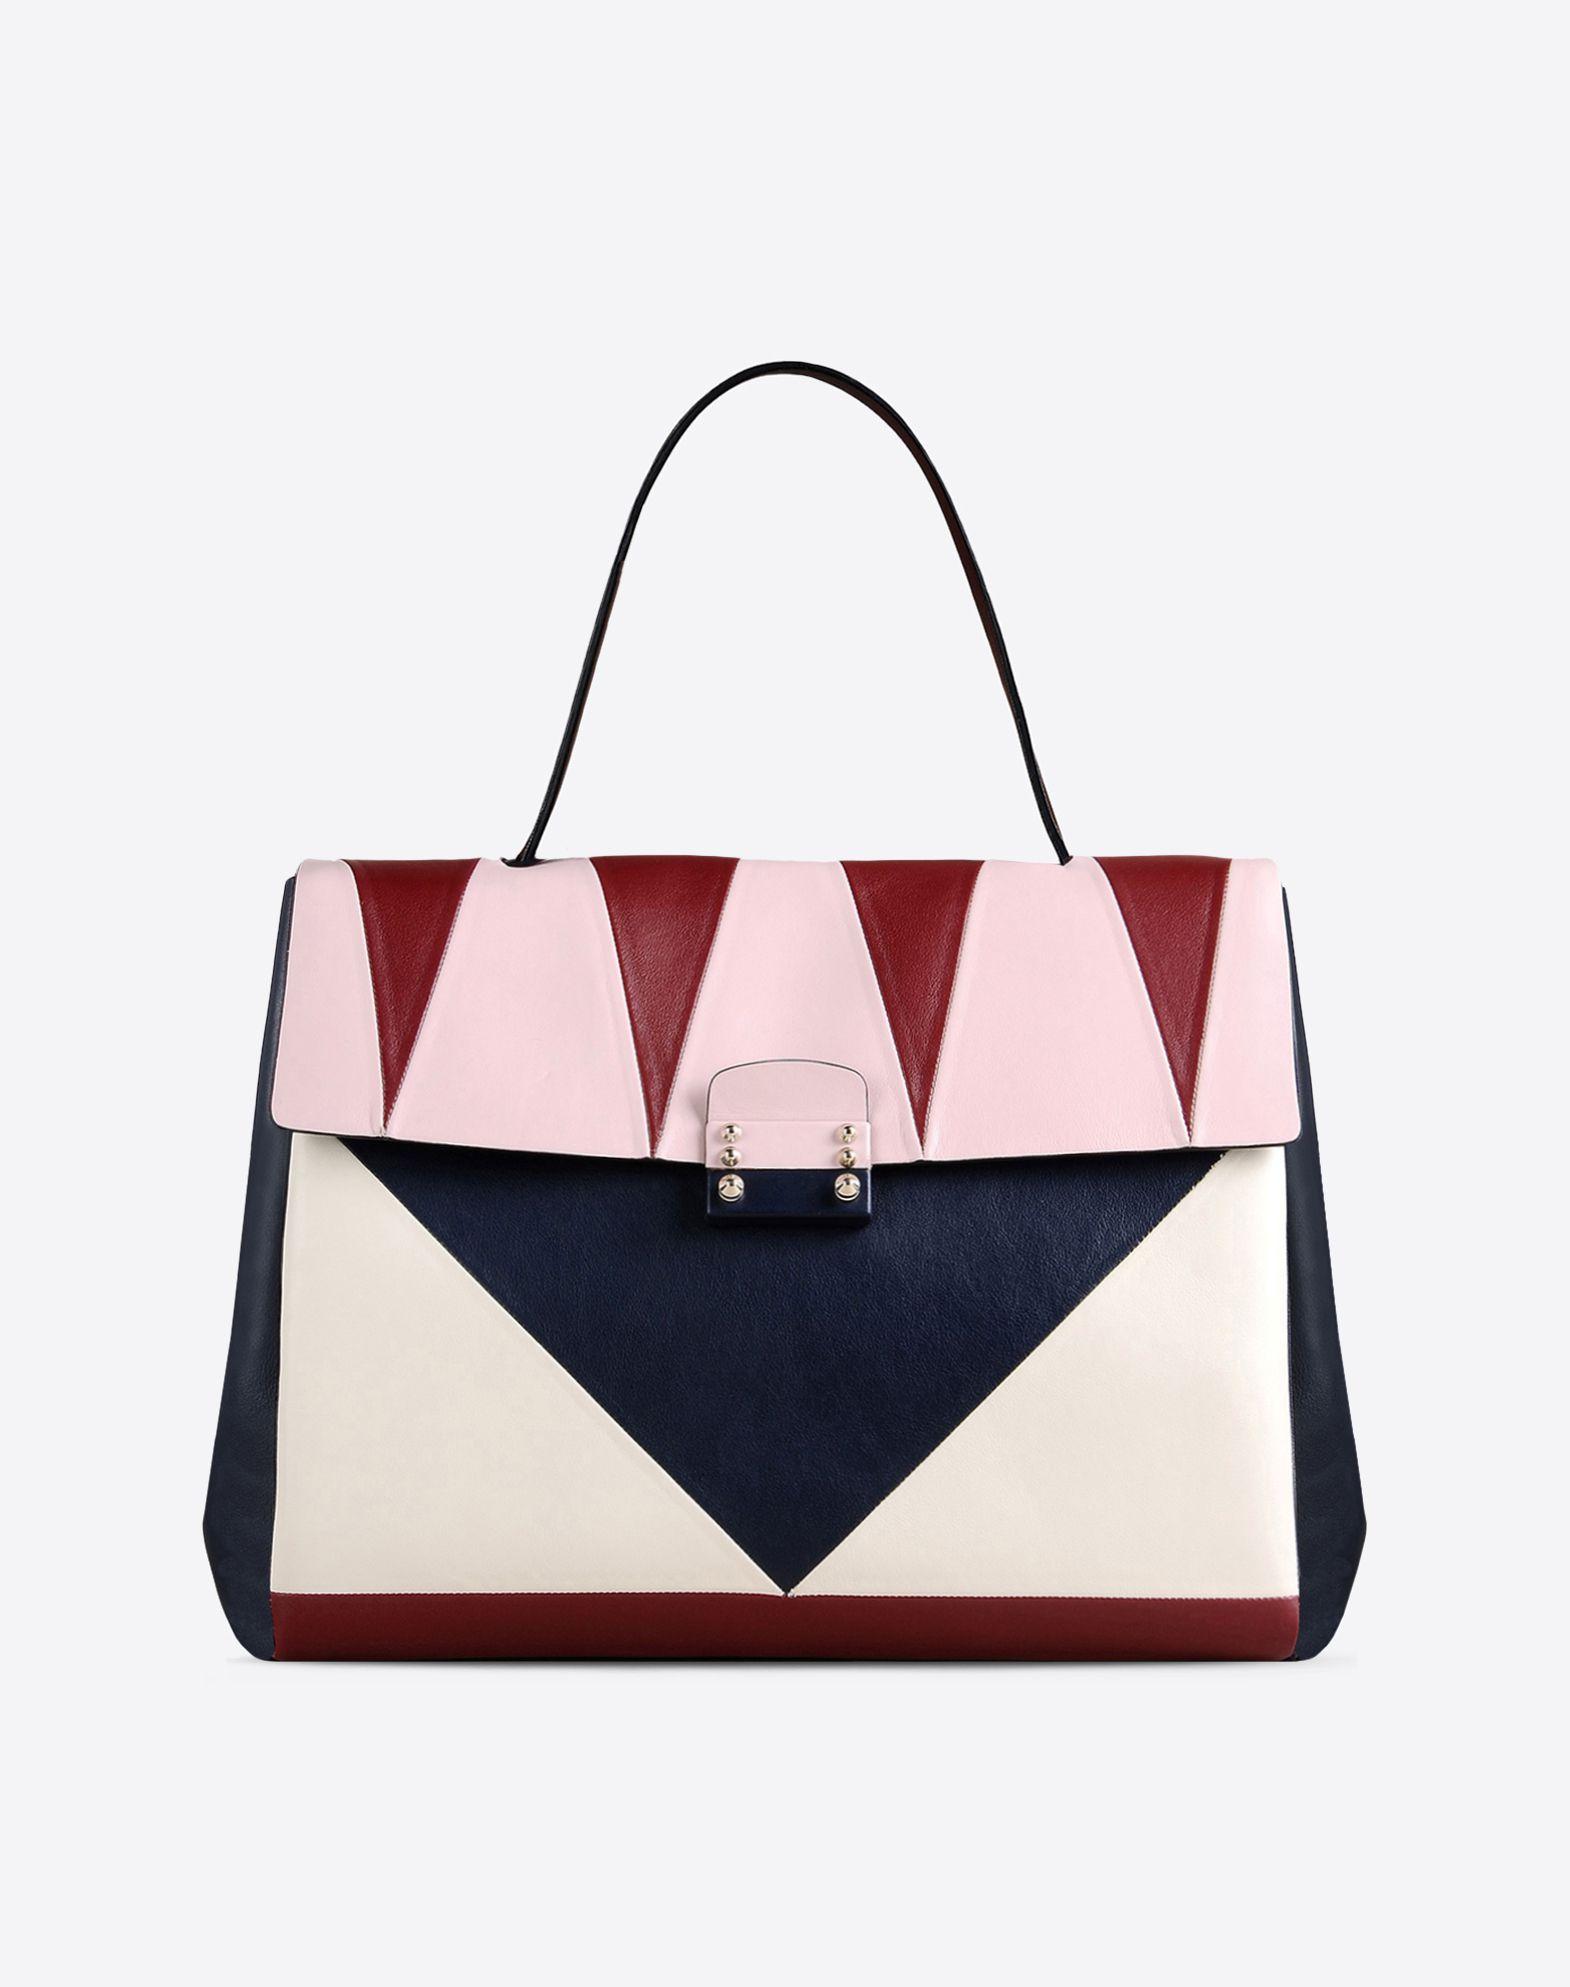 Handbag in vitello. Intarsi geometrici multicolore e chiusura ricoperta in pelle. Tre scompartimenti interni (2200 €)